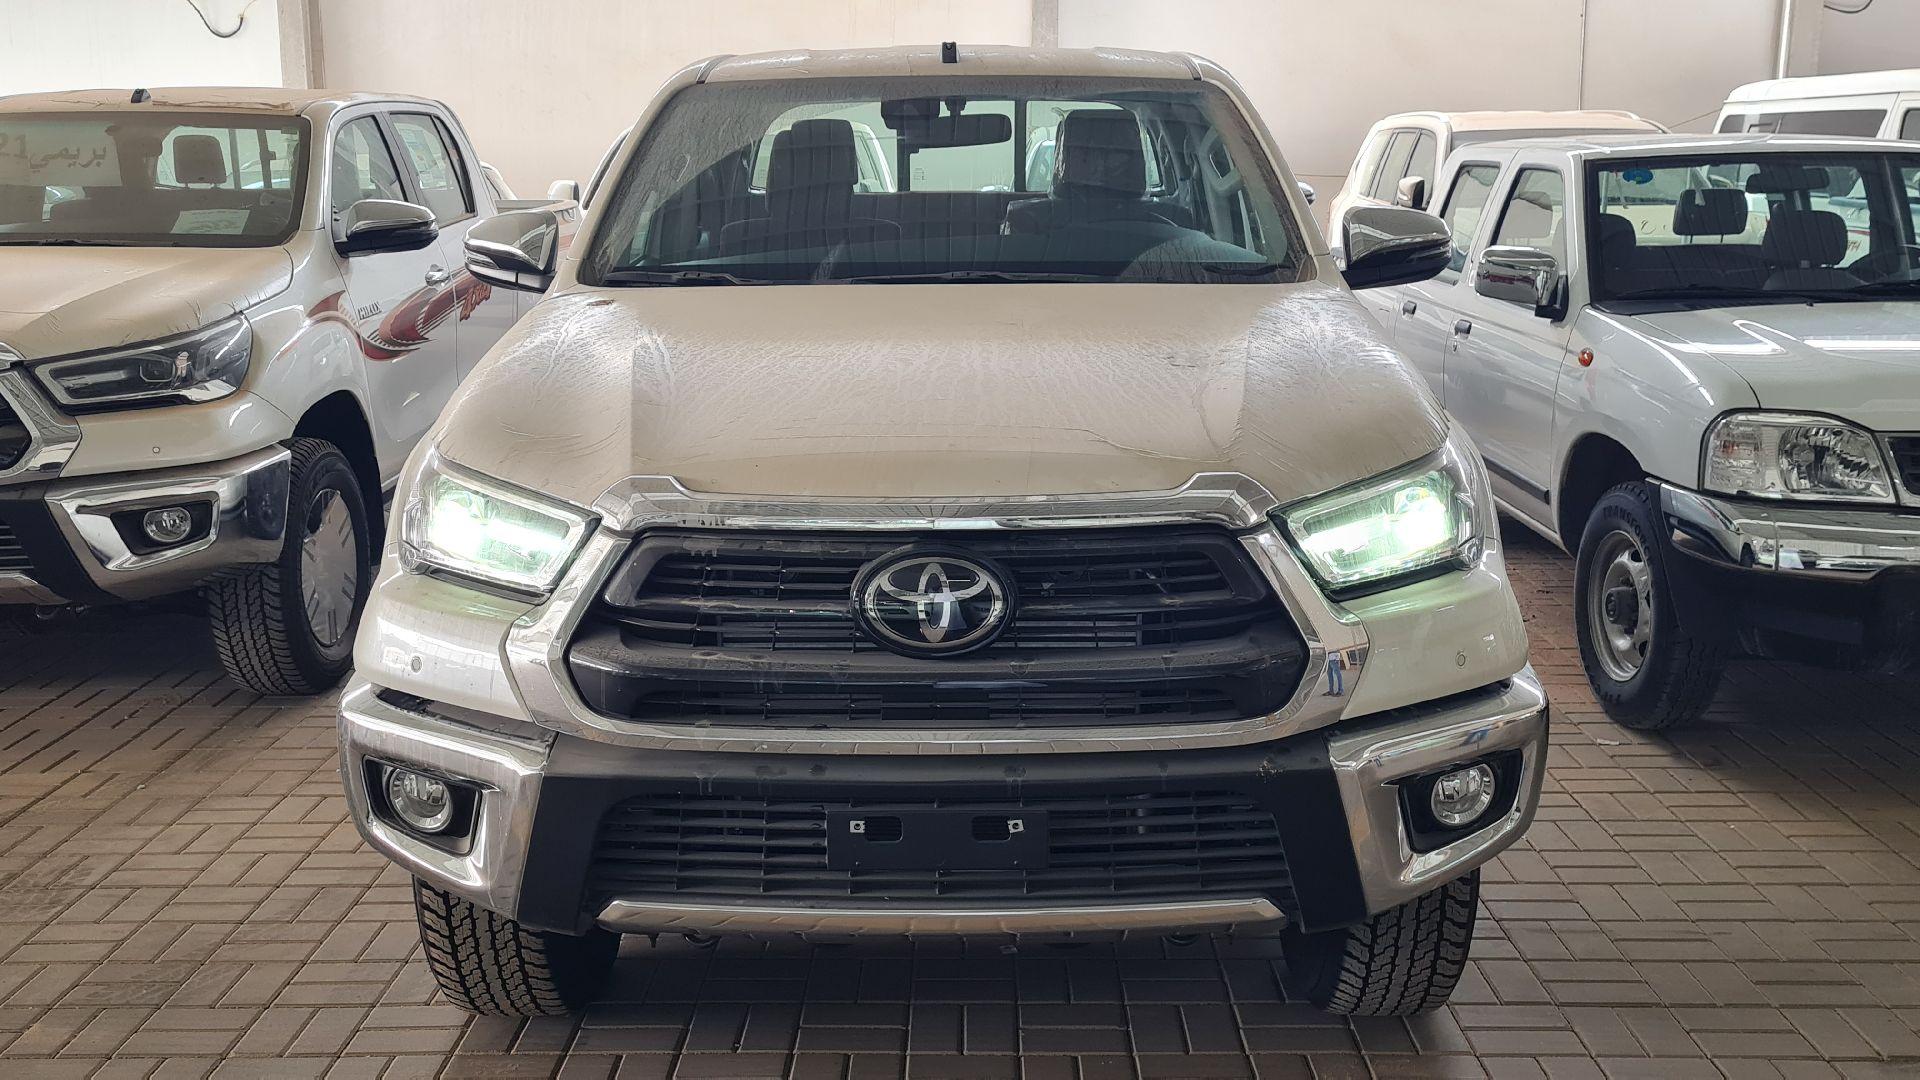 تويوتا هايلكس GLX.S 2021 فل بريمي للبيع في الرياض - السعودية - صورة كبيرة - 3